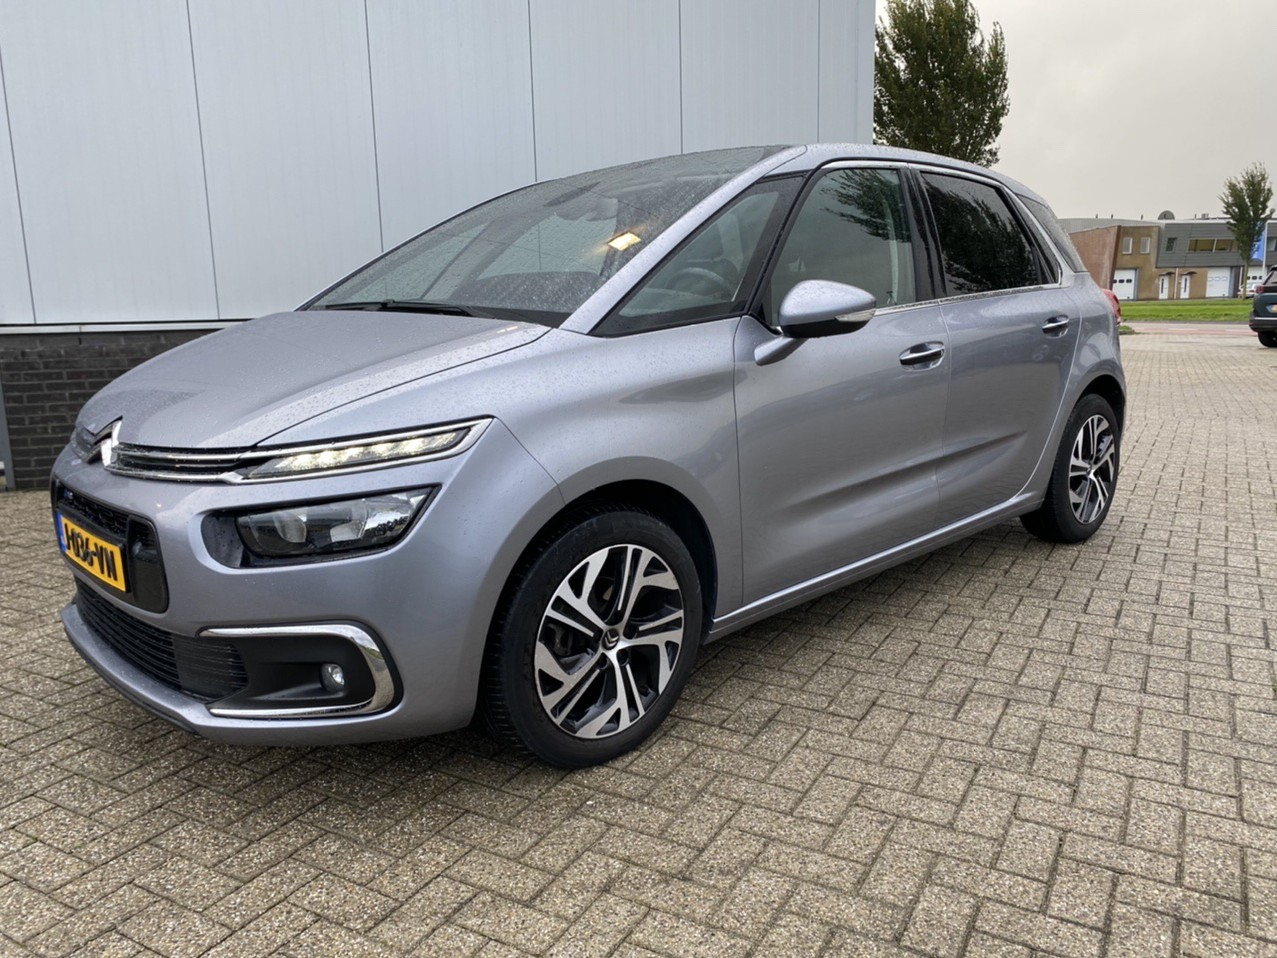 Citroën C4 picasso 130 pk intensive rijklaar prijs